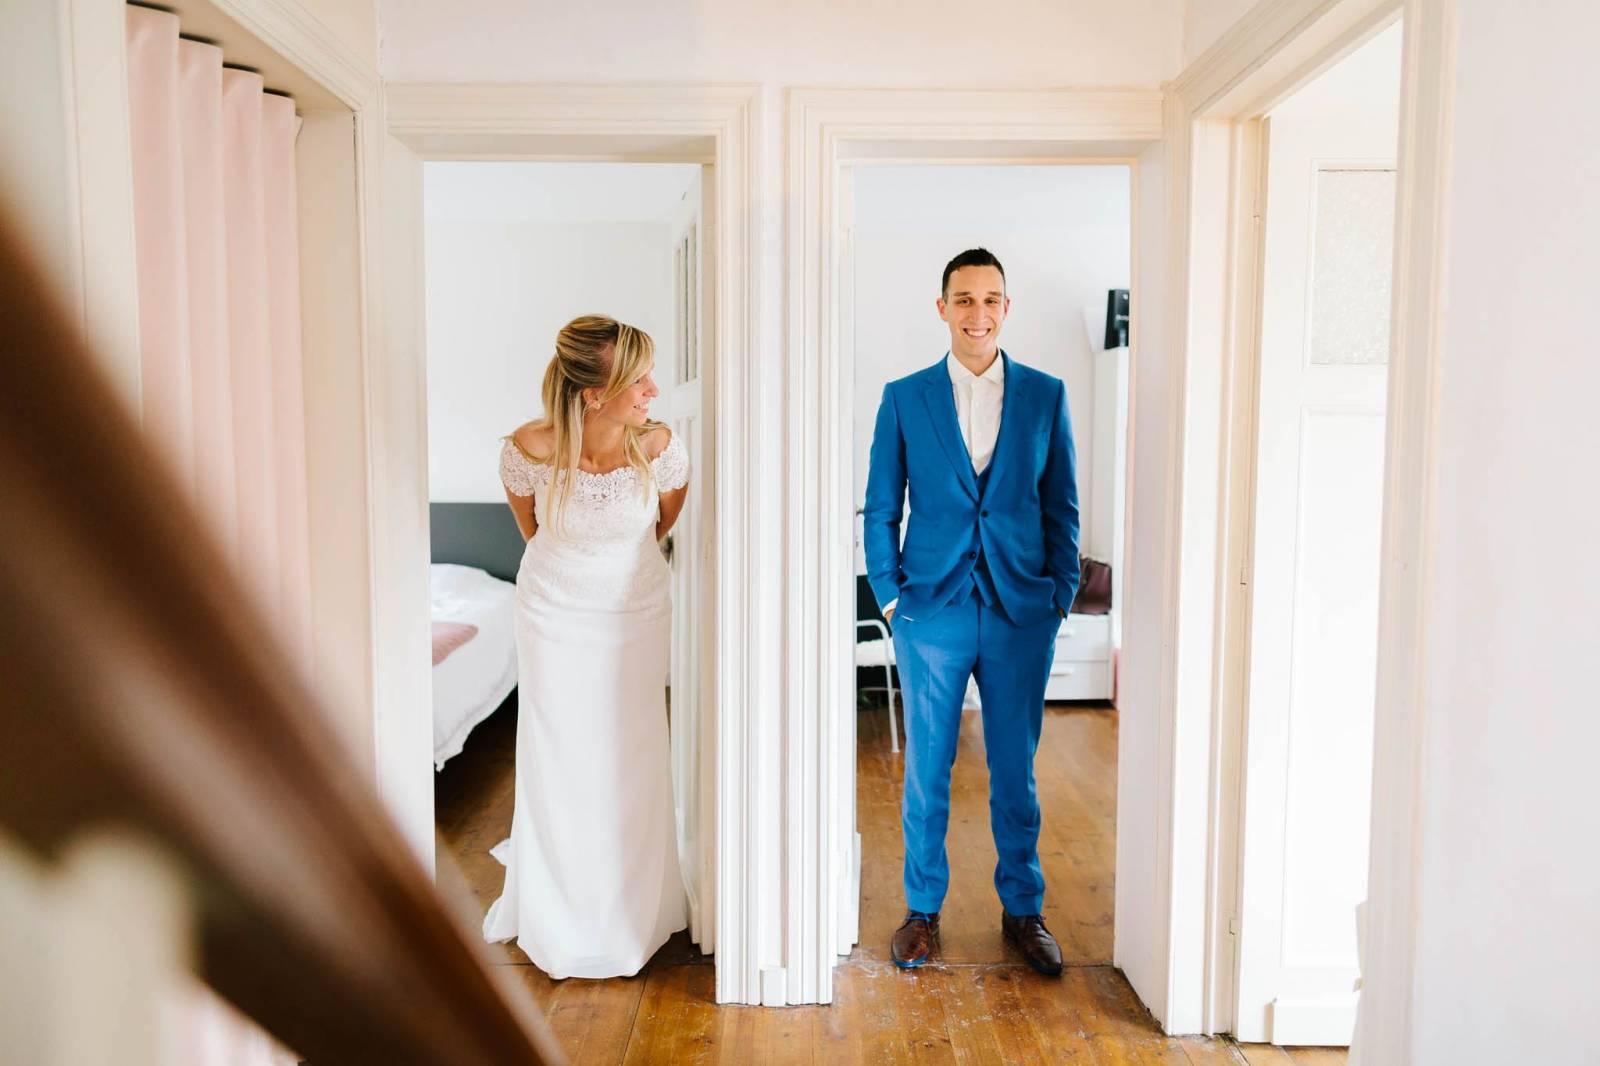 Jonas De Gent - Huwelijksfotograaf - House of Weddings - 23